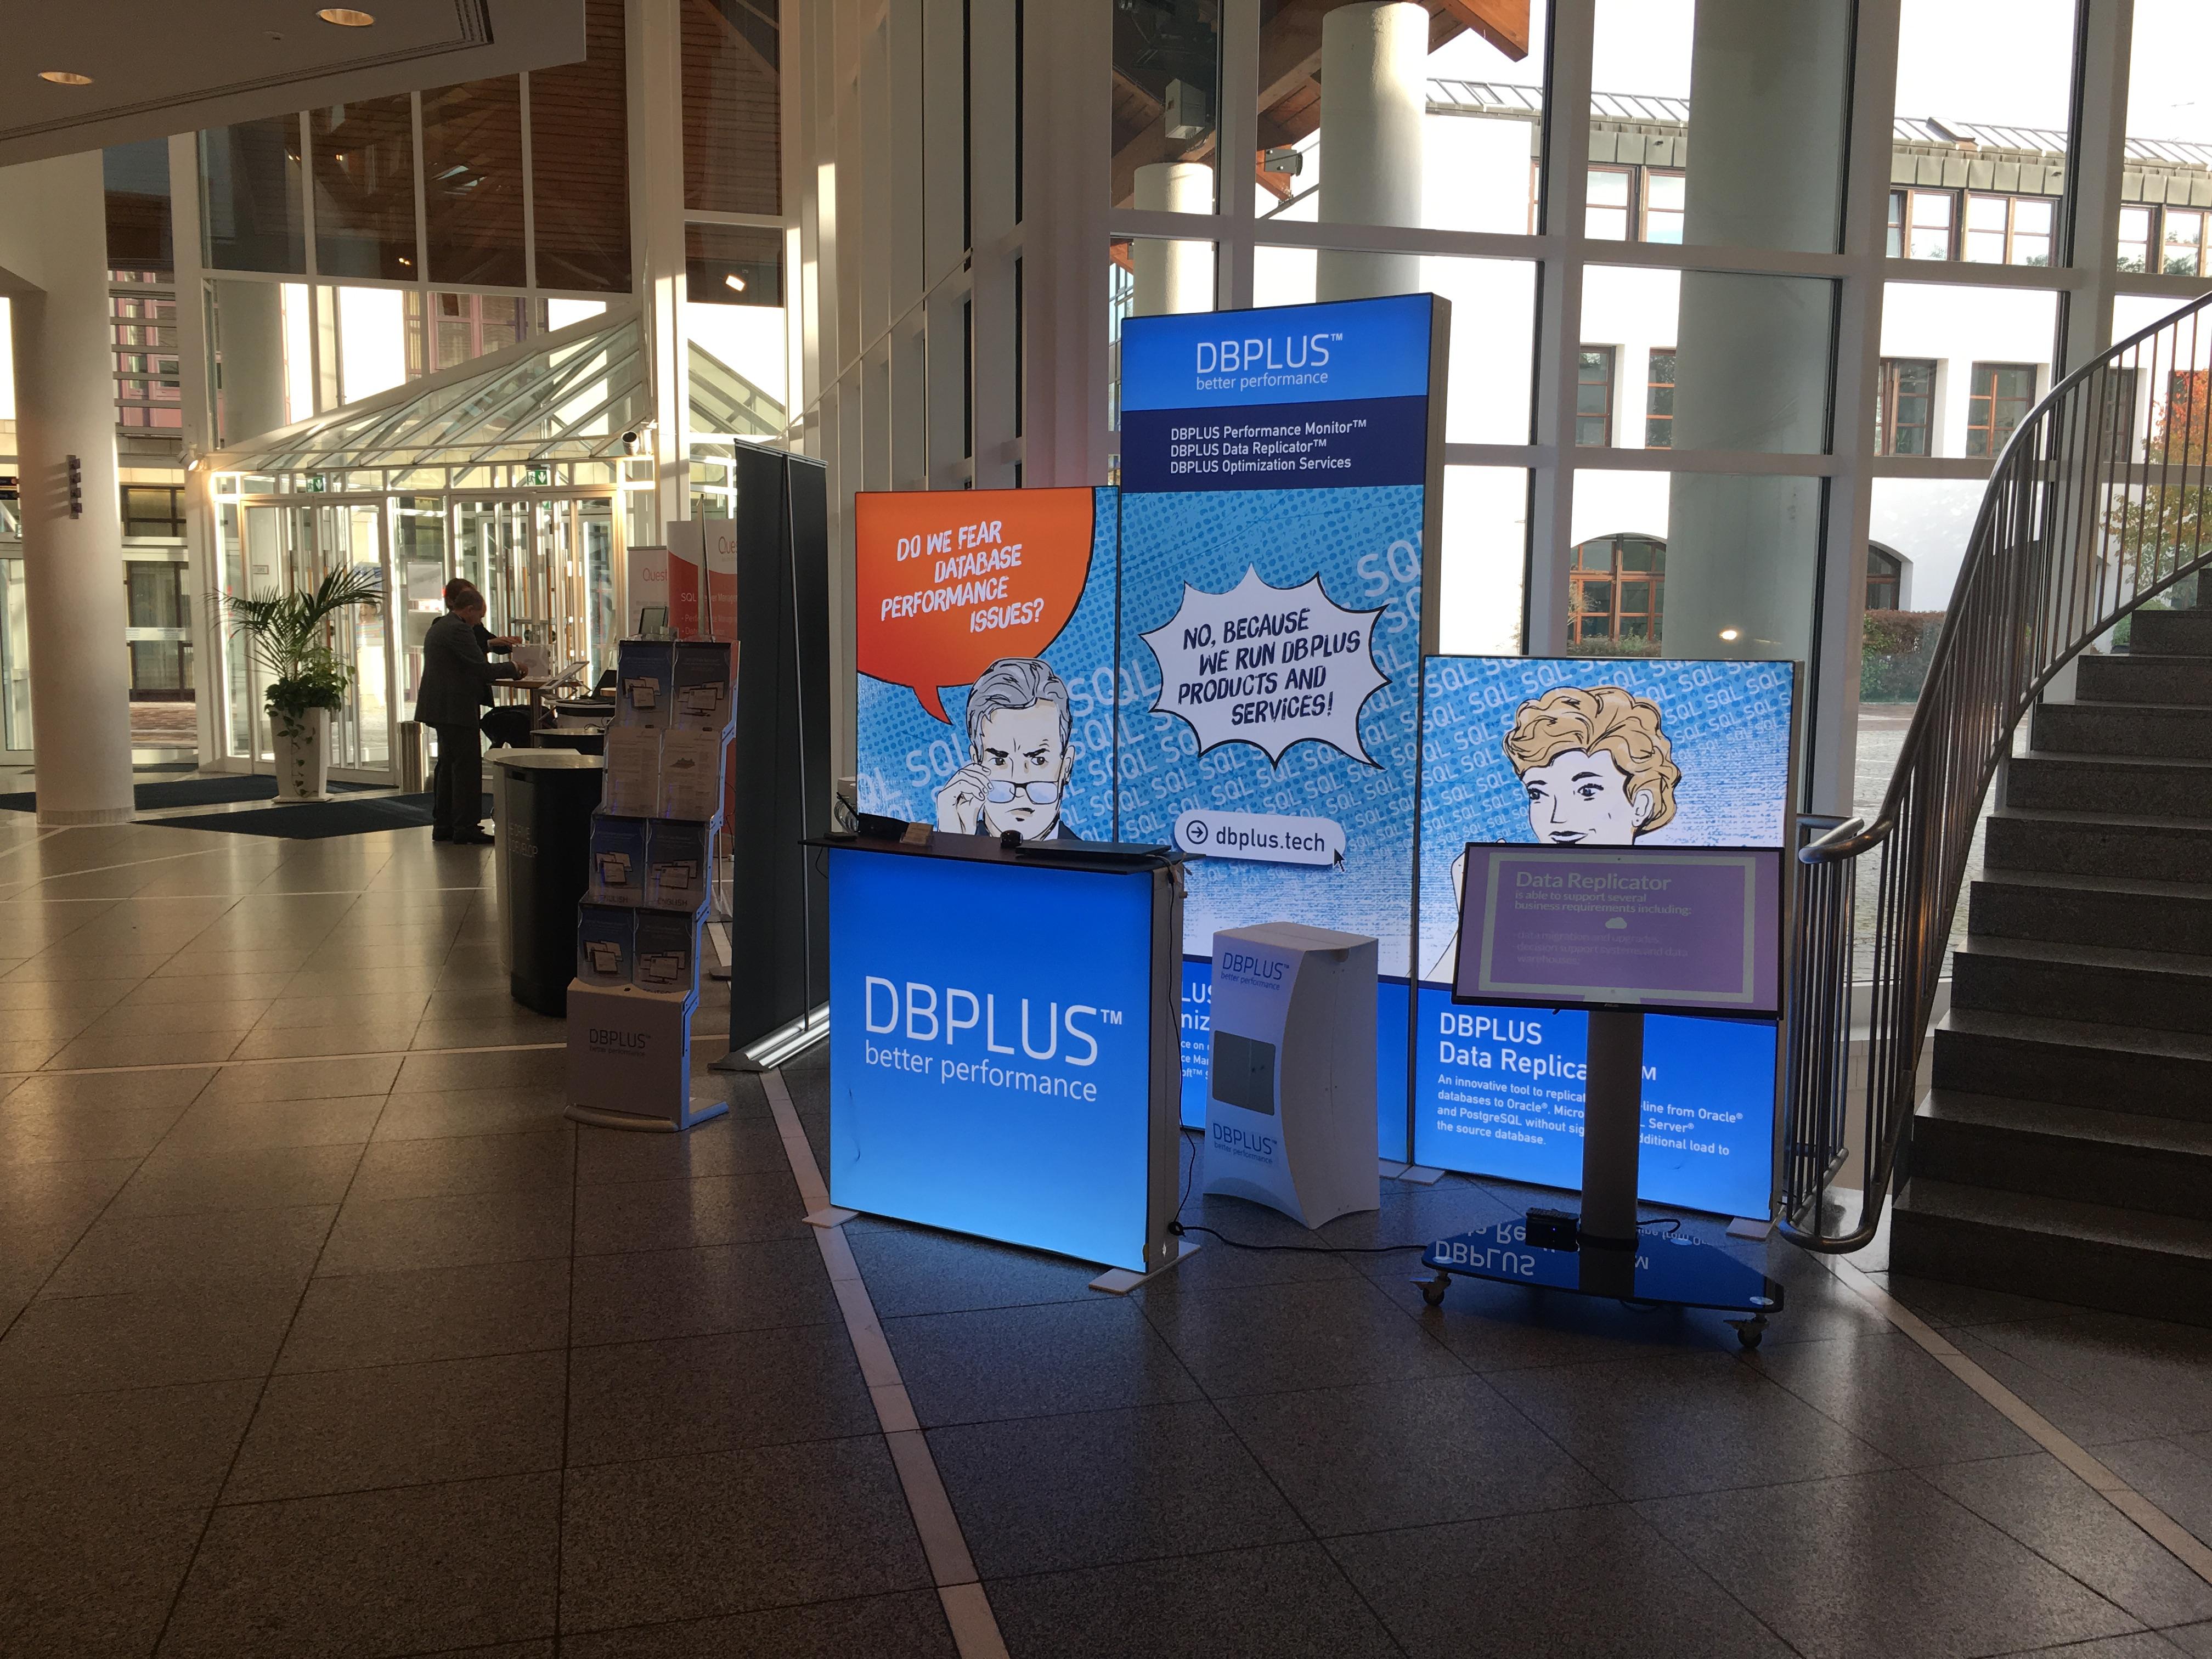 zdjęcie do artykułu:webtelligence to show DBPLUS portfolio at SQLdays conference October 10-11, 2017